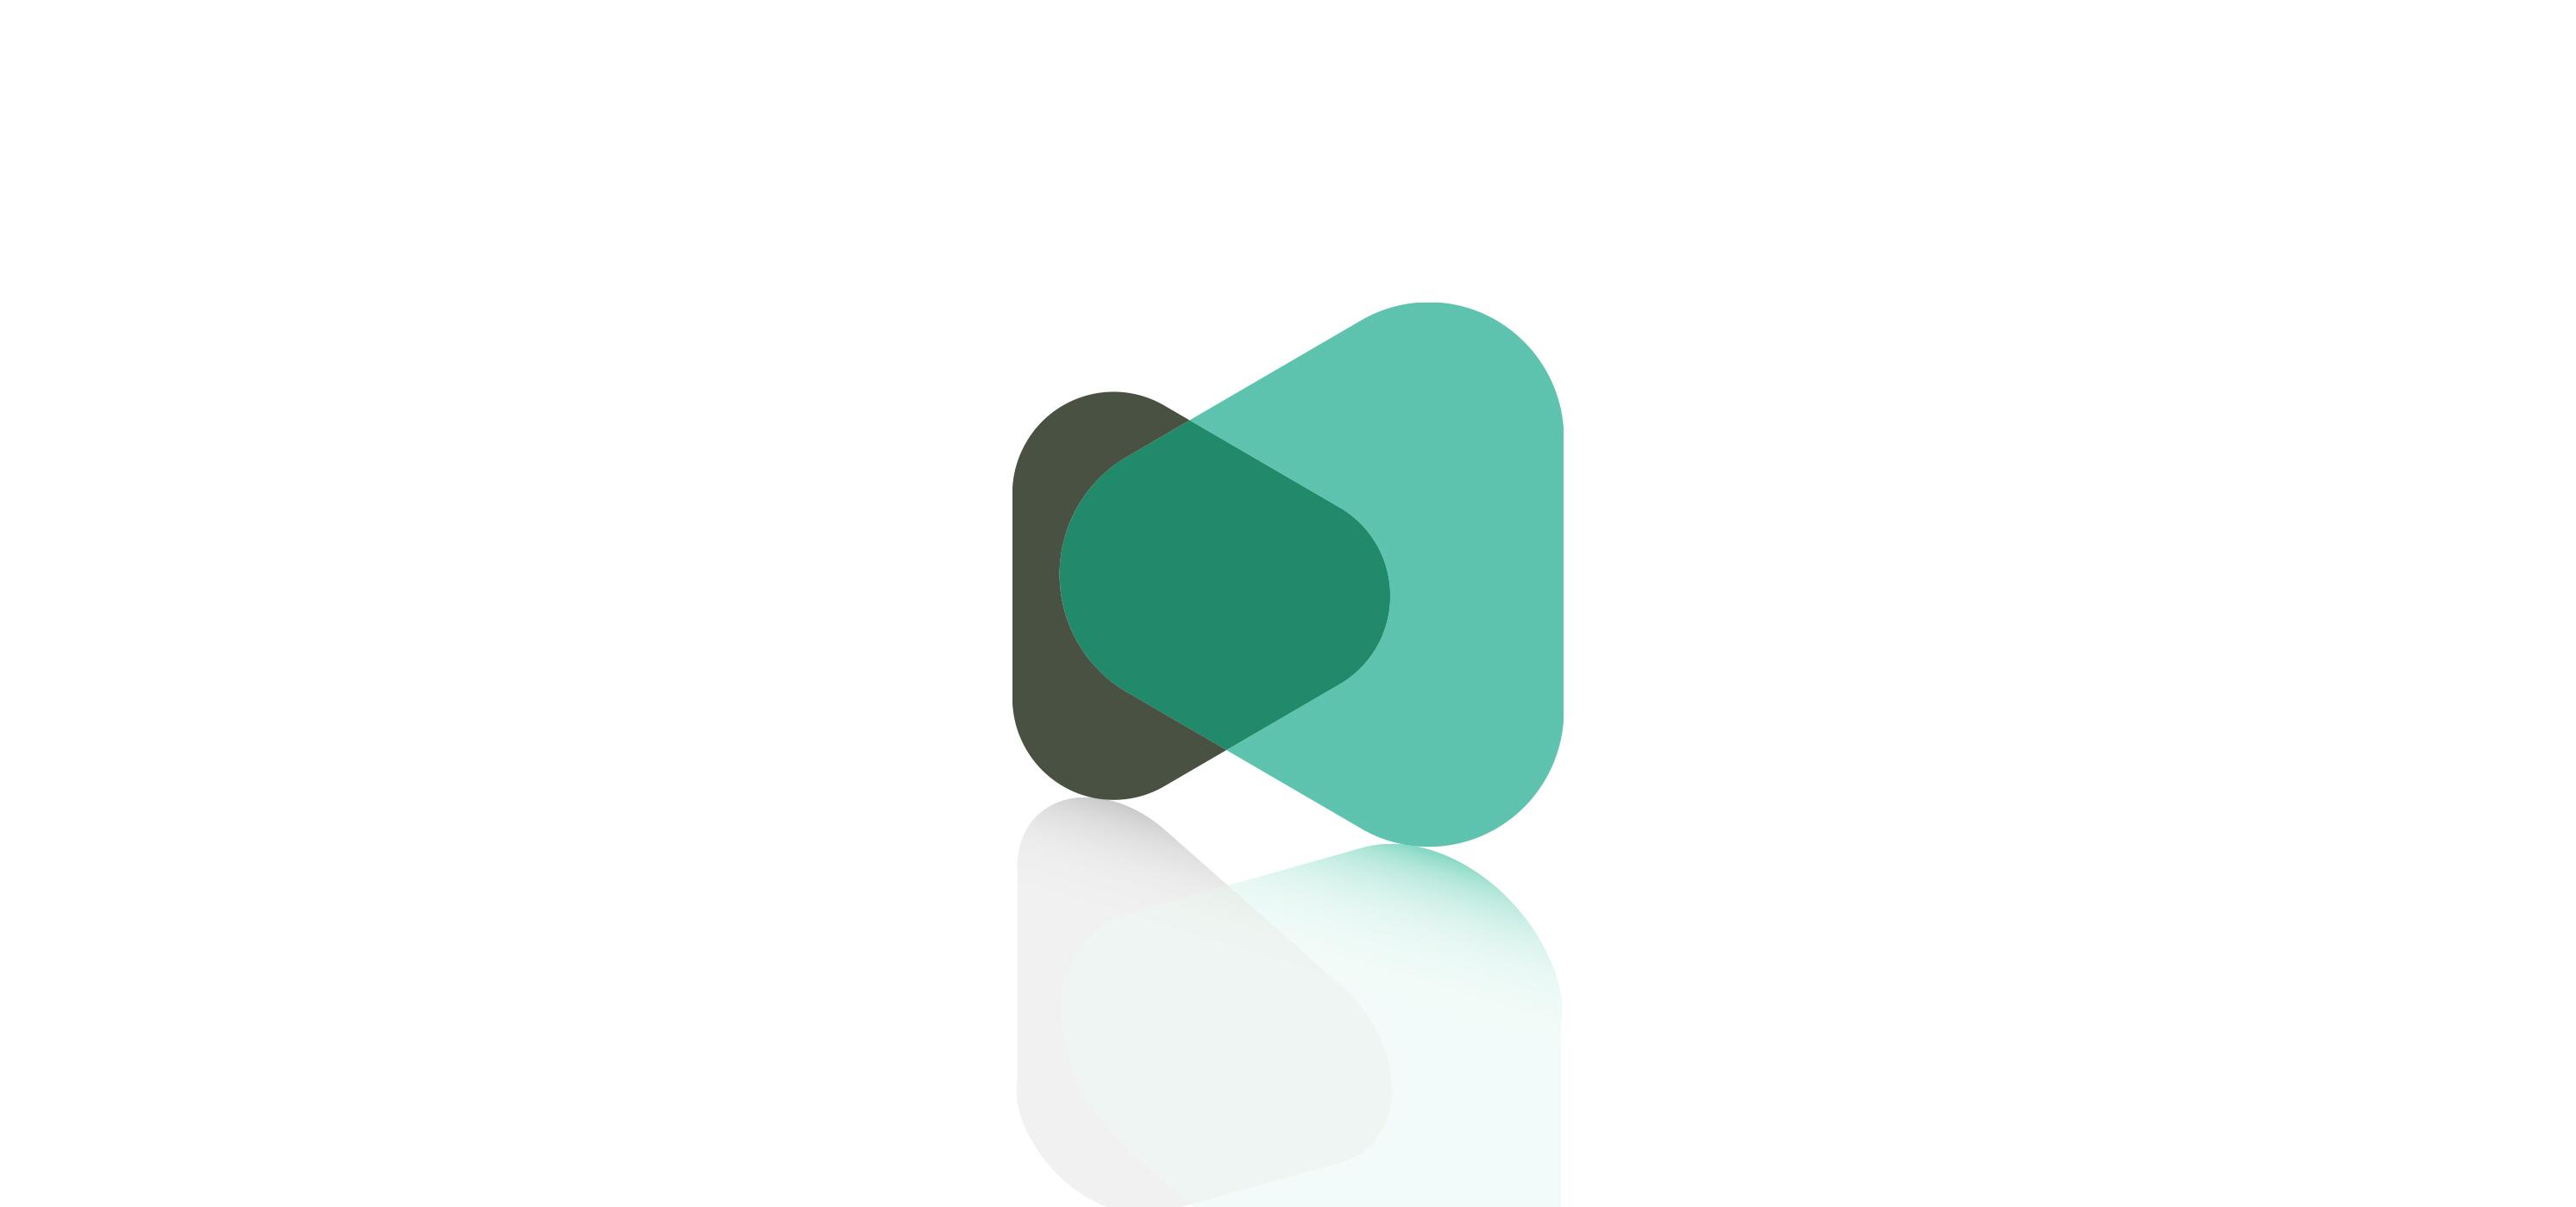 logos__0005_mod